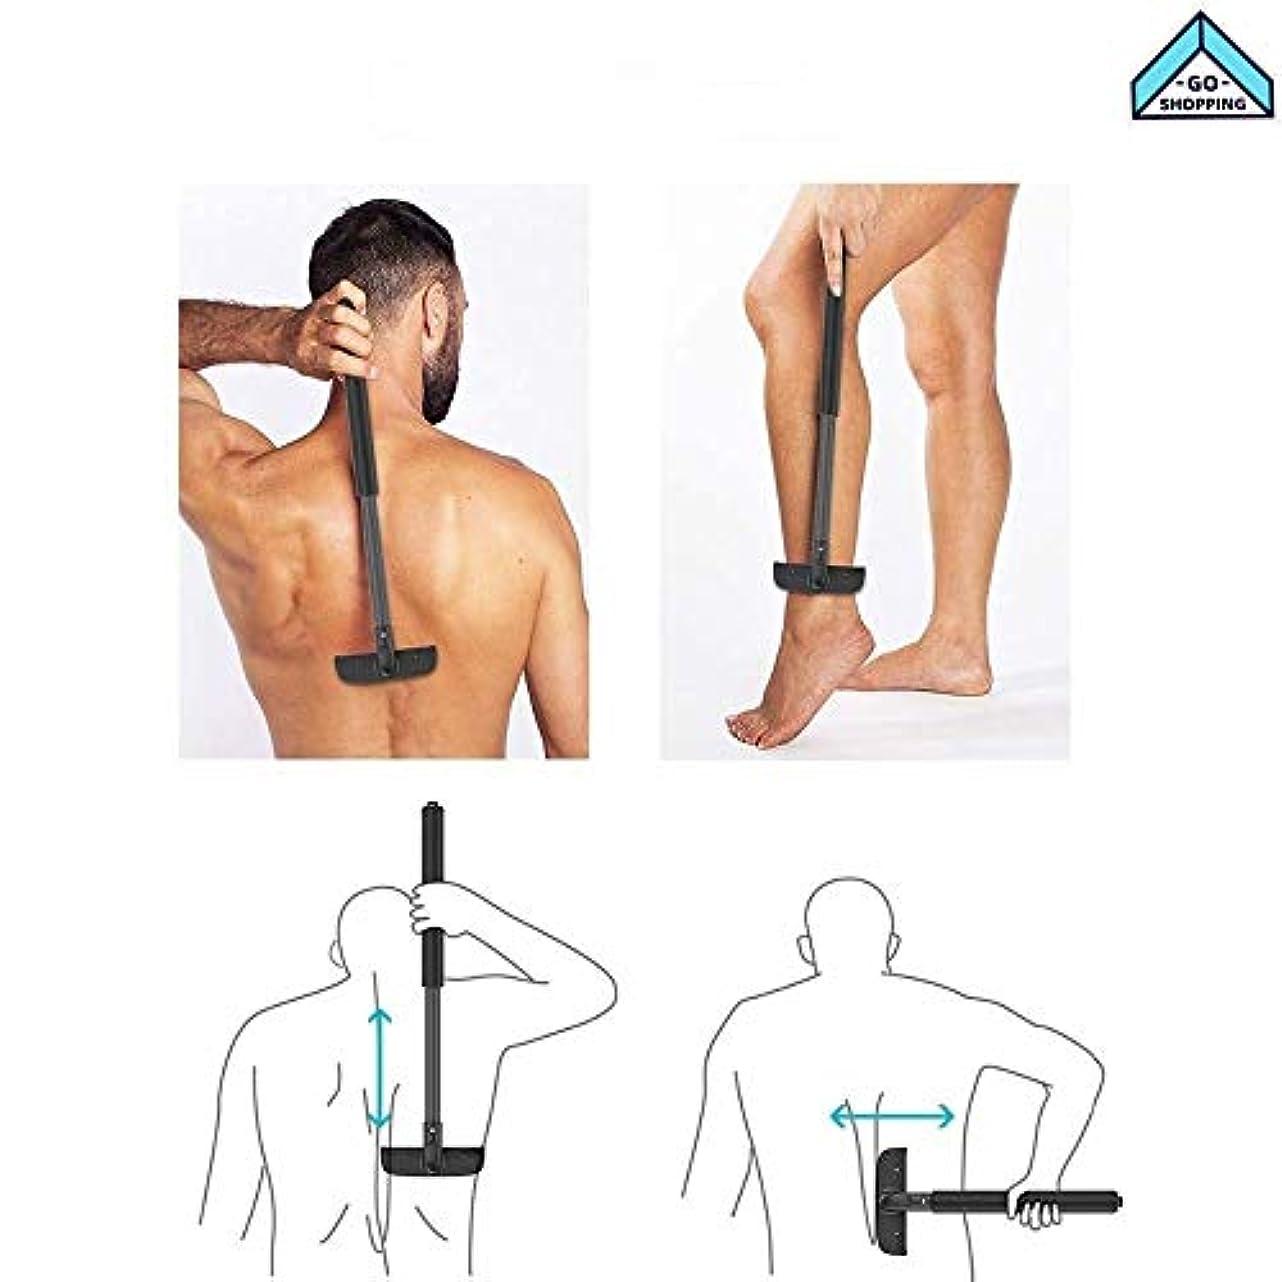 妖精スナックゲートNICEE拡張可能なハンドルの痛みのないひげを剃った男性のための背中の脱毛使いやすい乾湿両方の背中の脱毛剤